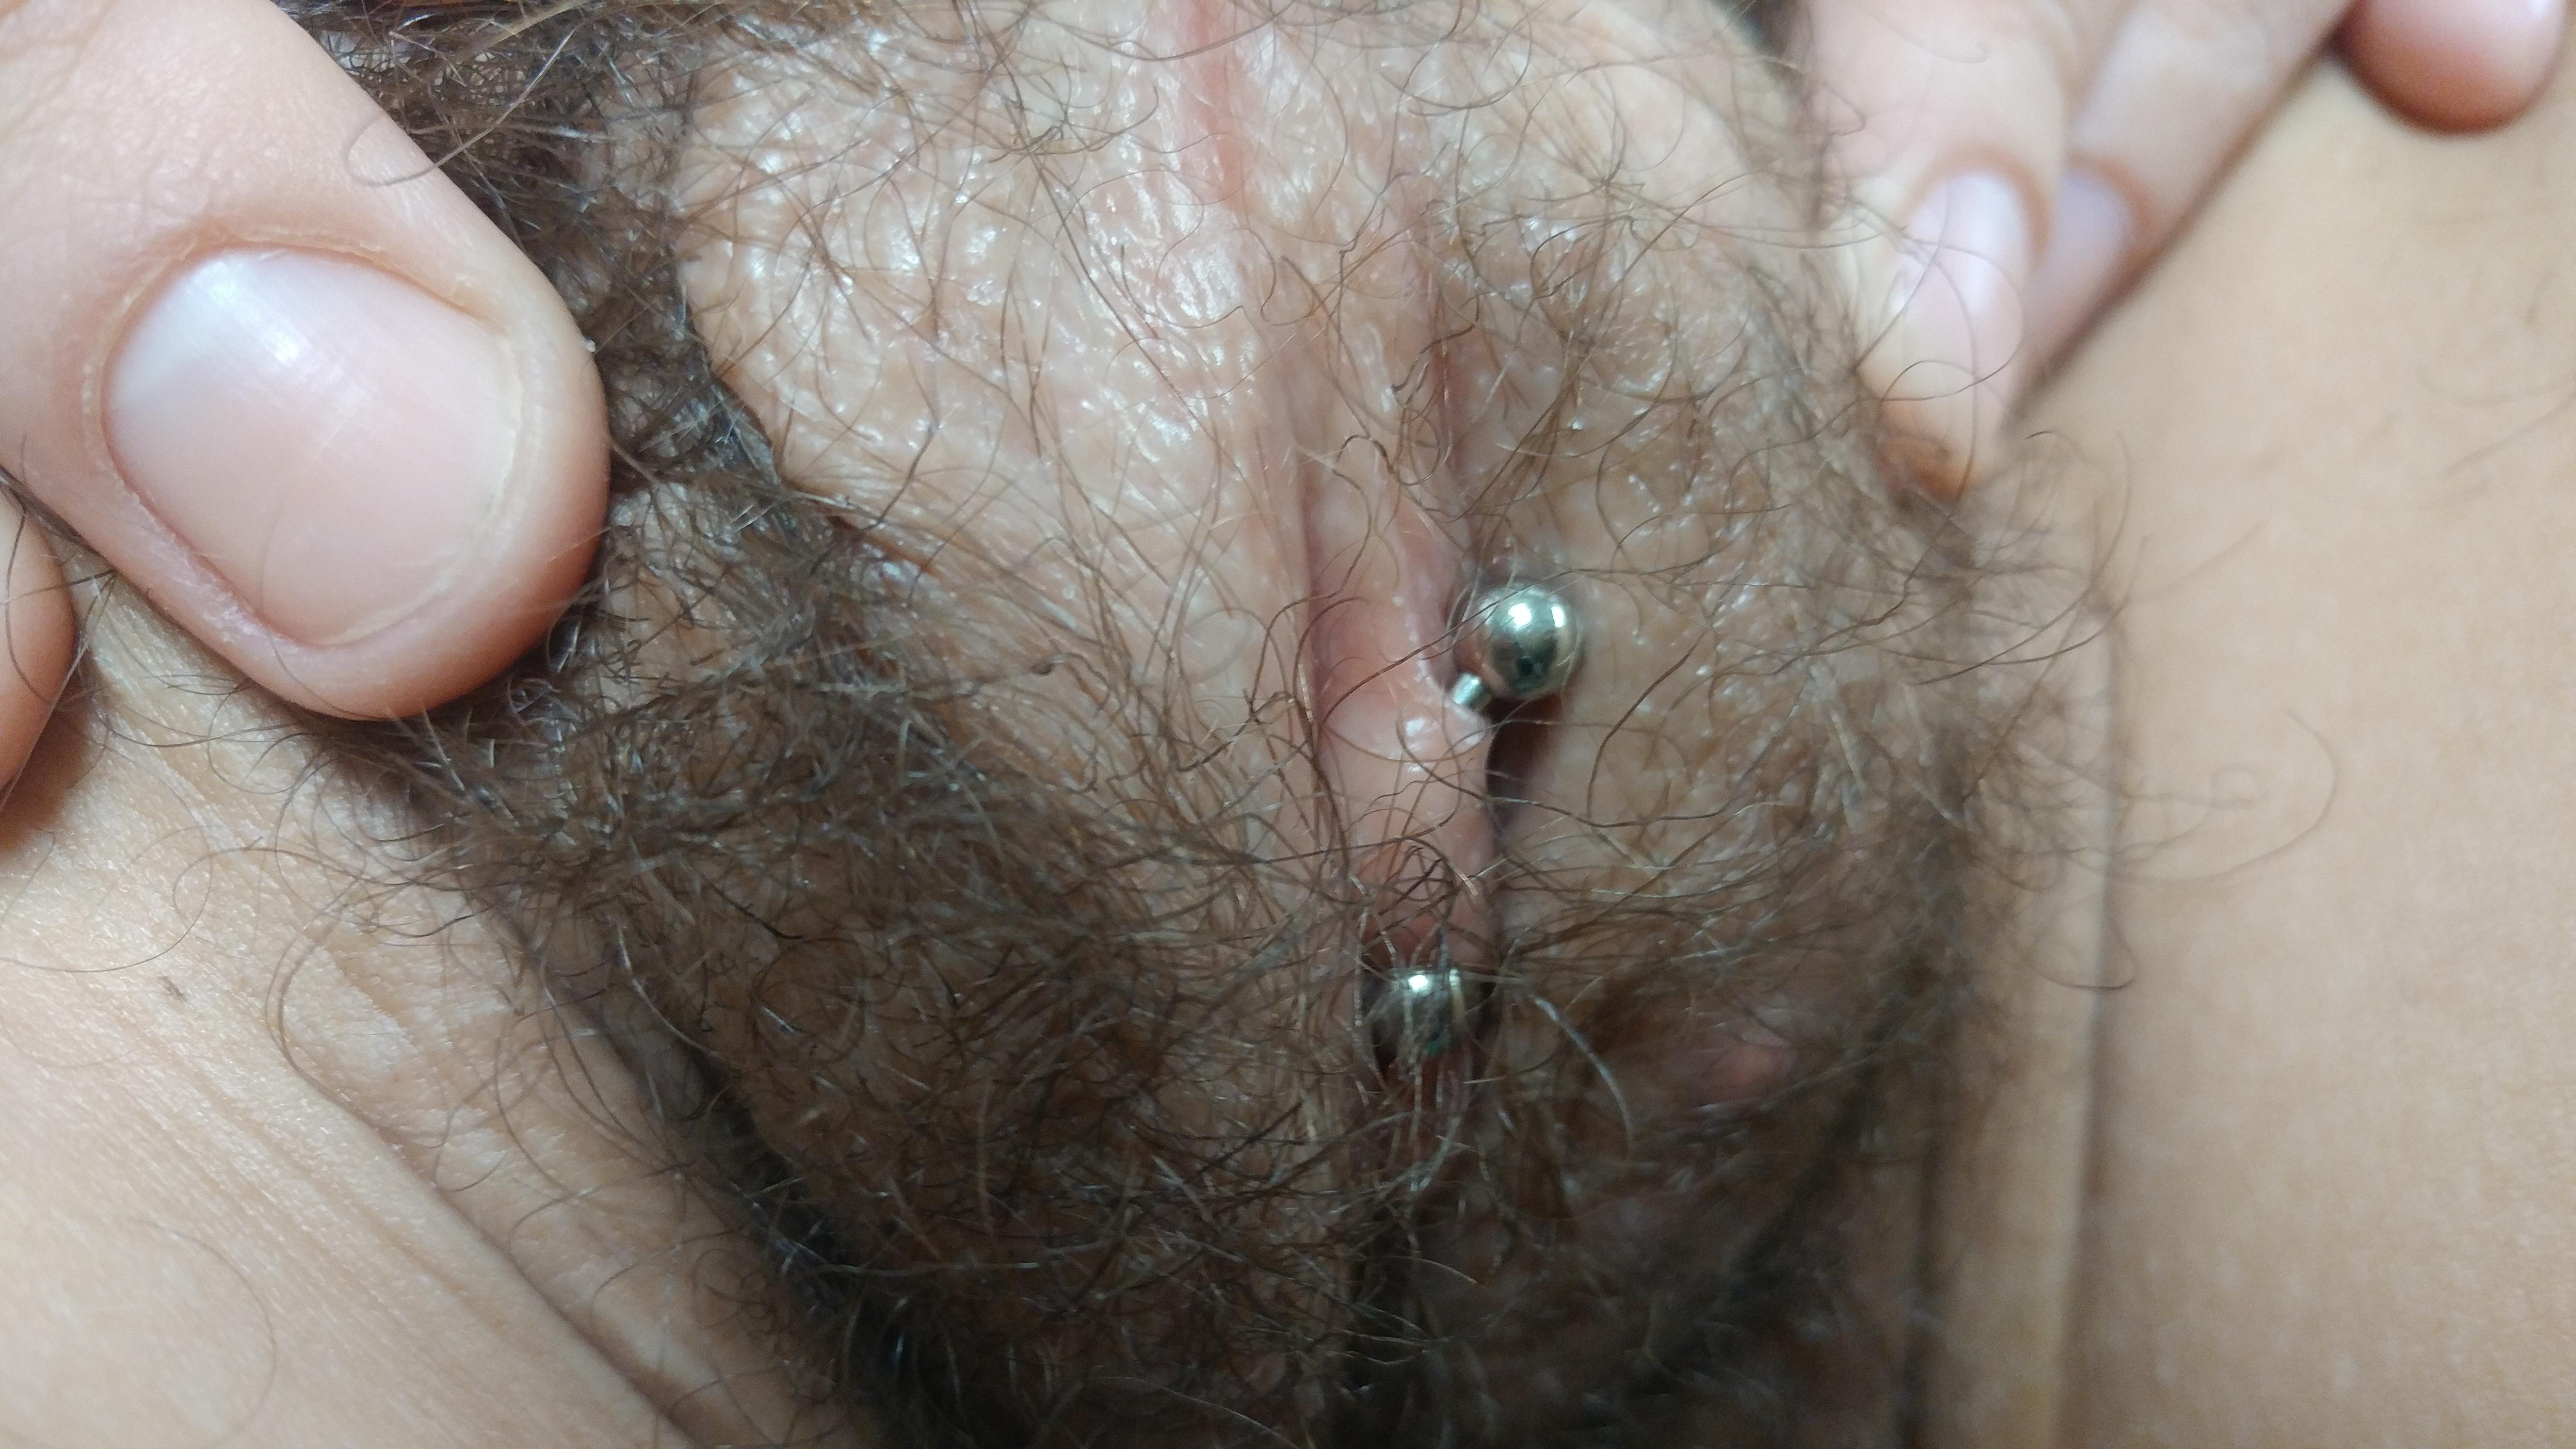 Advantages of clit piercing